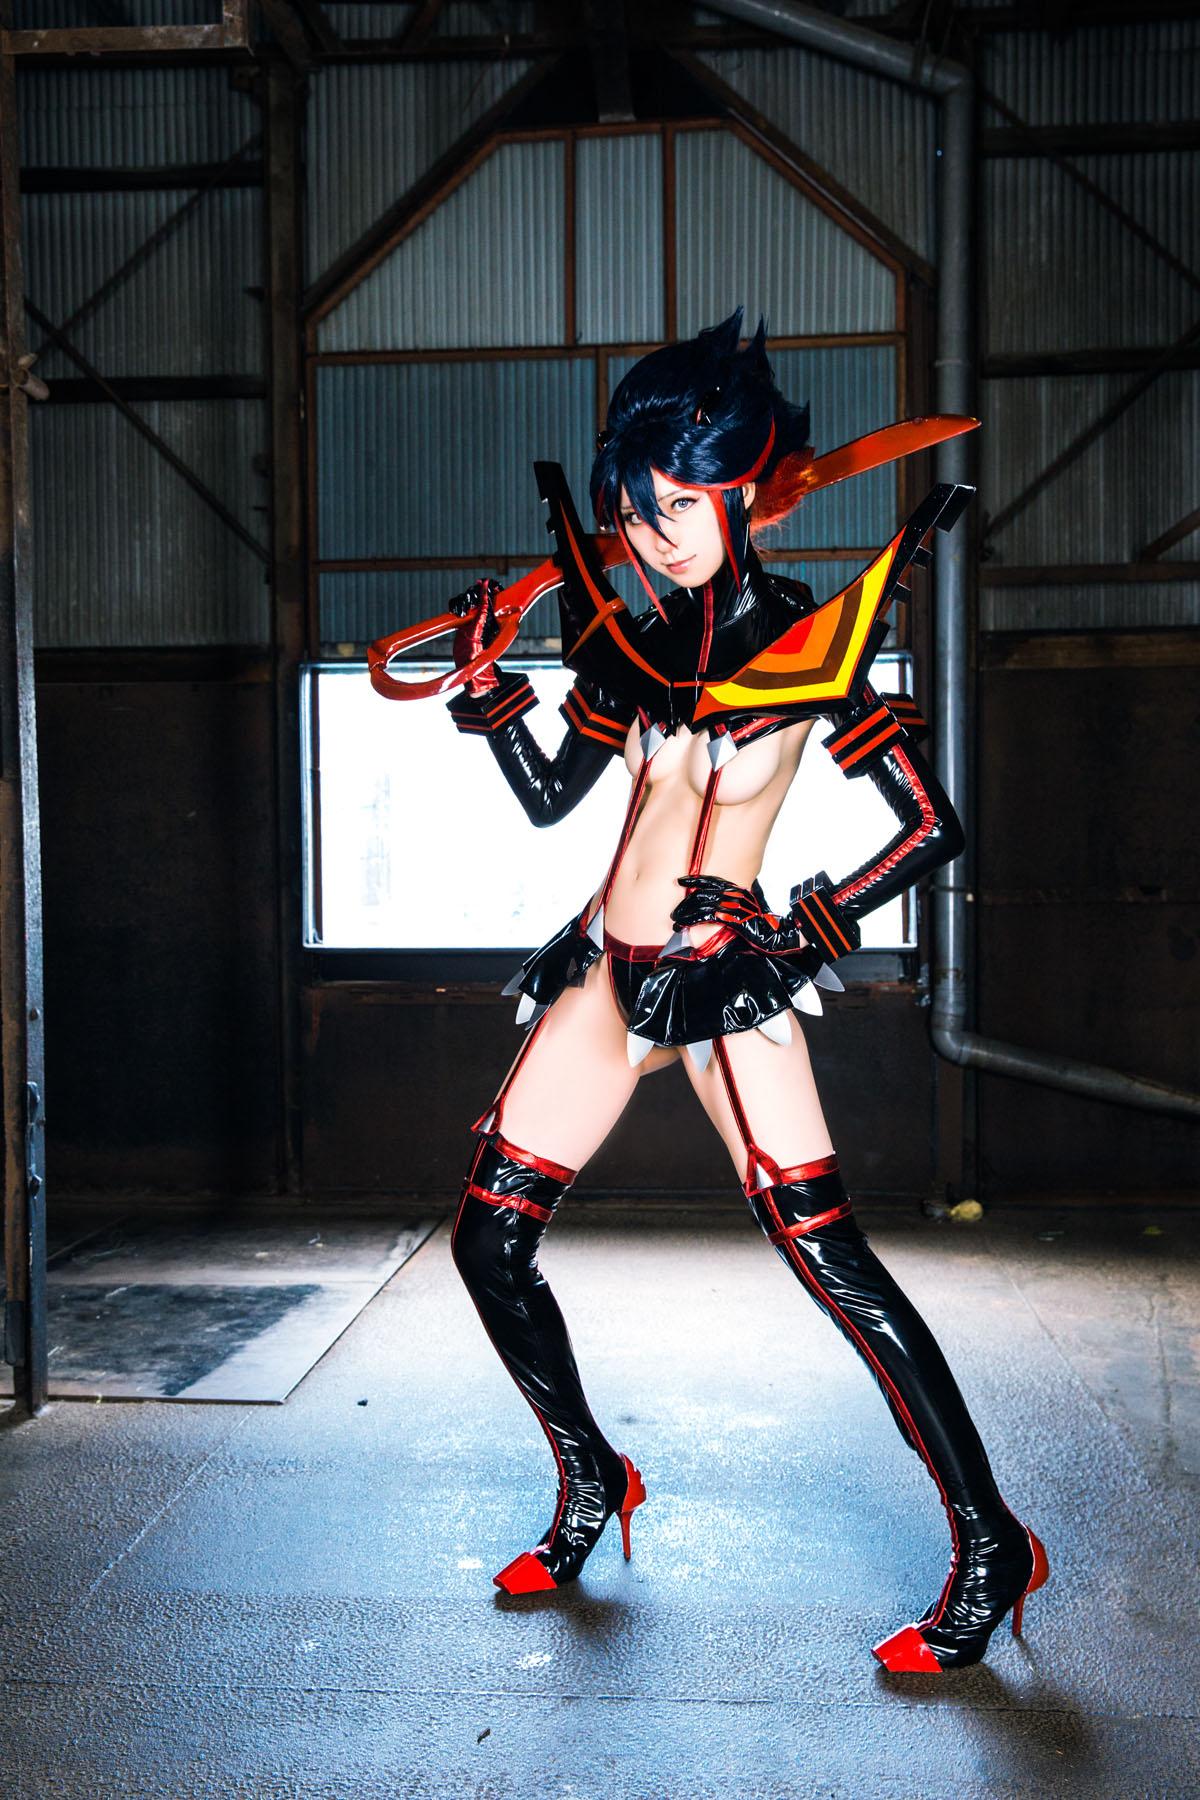 Kill la Kill Ryuuko Matoi anime cosplay by Mikehouse 0014